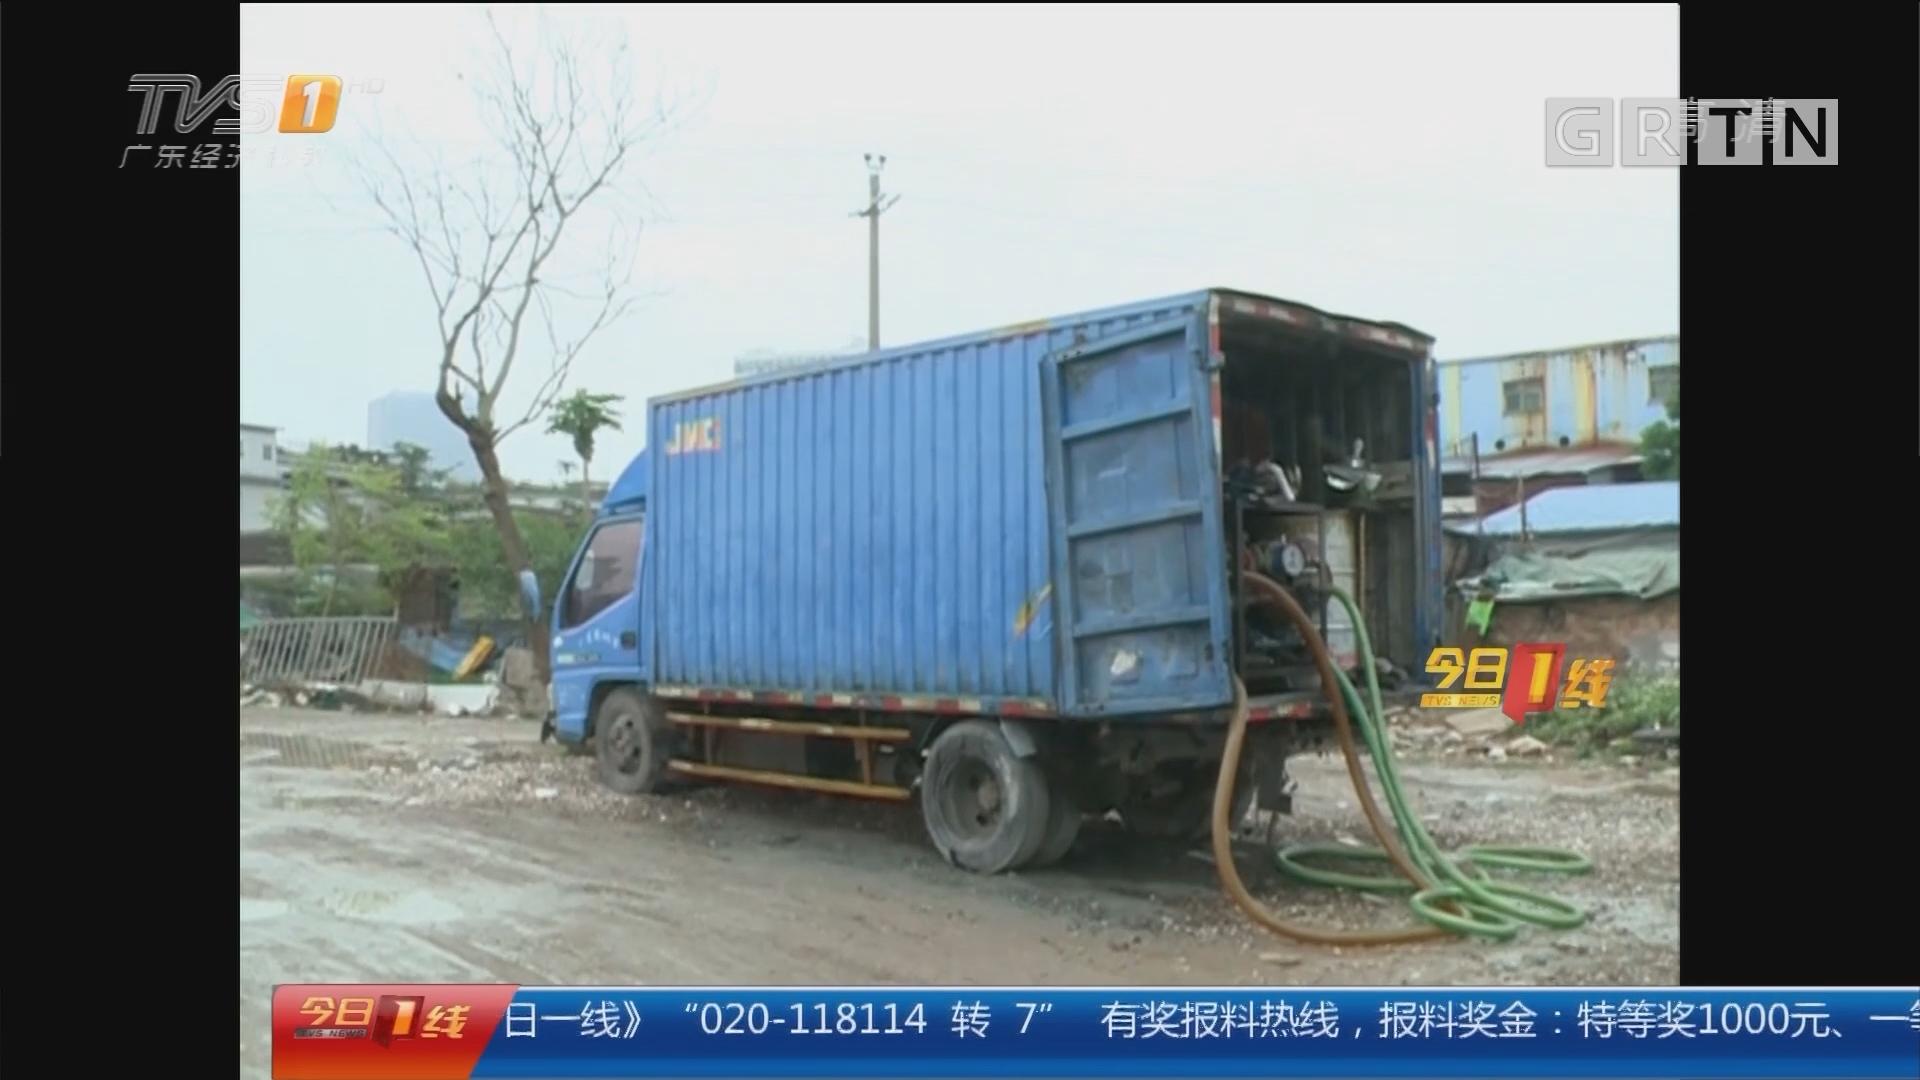 一线独家:深圳非法加油站调查 有人专职通风报信 执法出击扑空